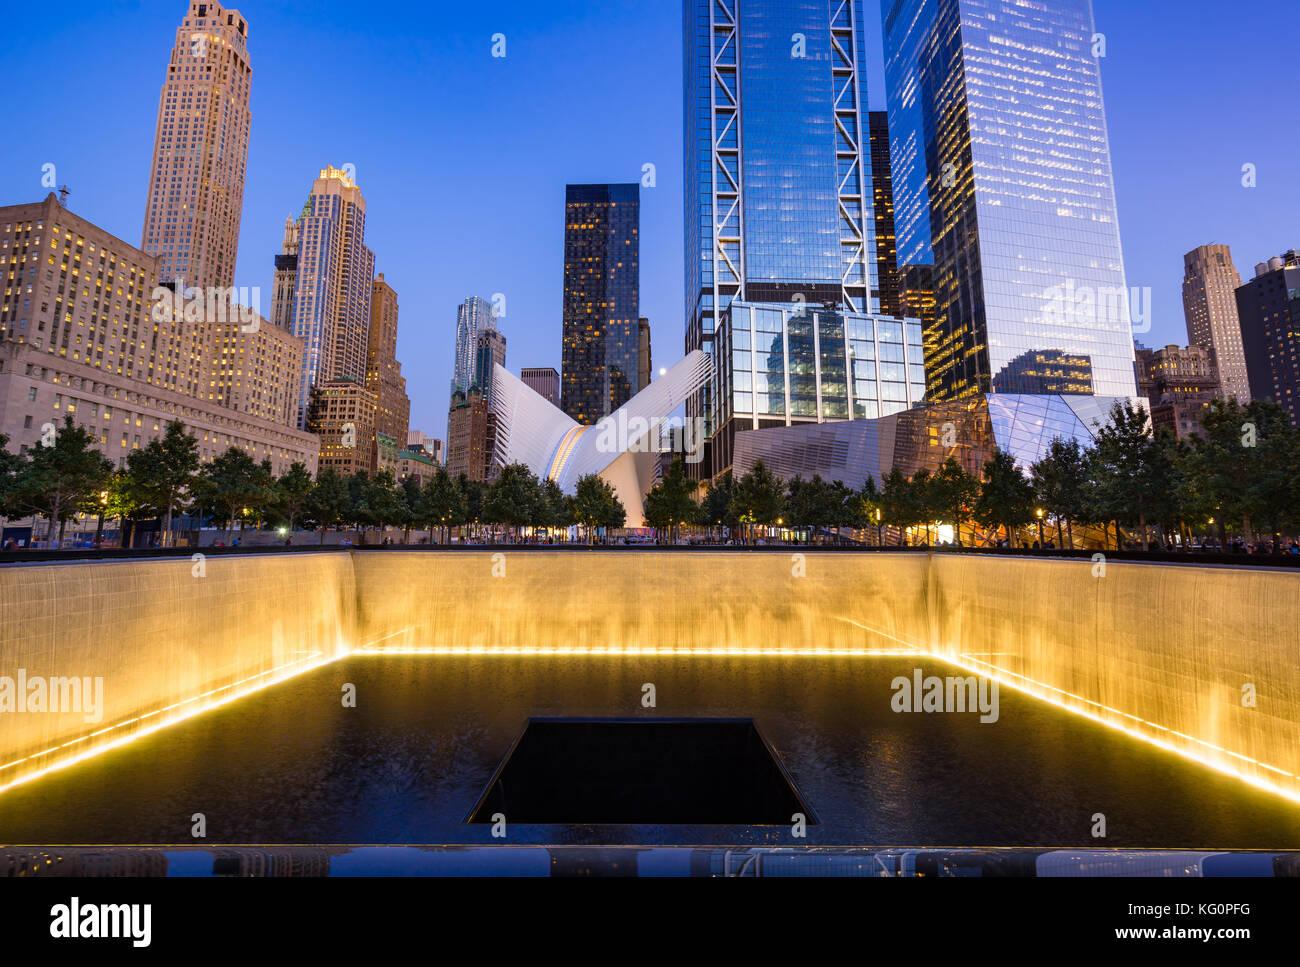 Im Norden einen reflektierenden Pool bei Dämmerung mit Blick auf das World Trade Center Tower 3 und 4 beleuchtet. Stockbild